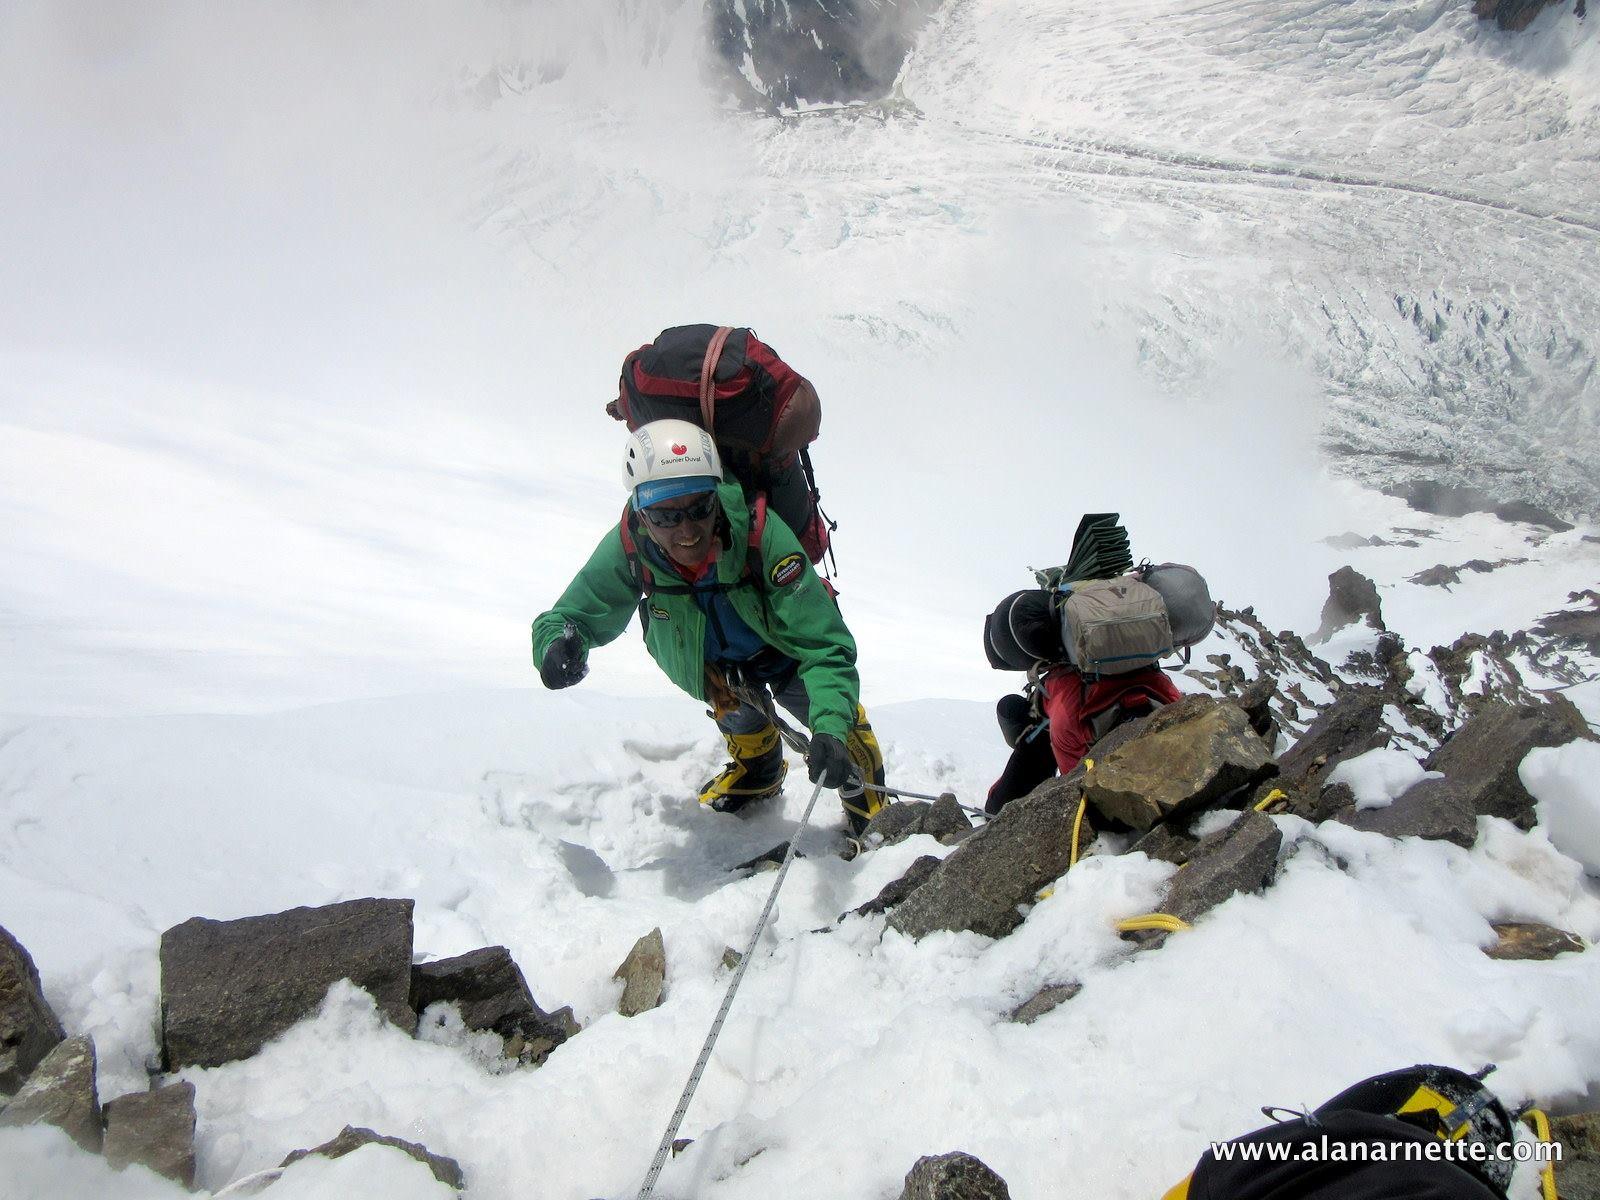 Kami on K2 in 2014